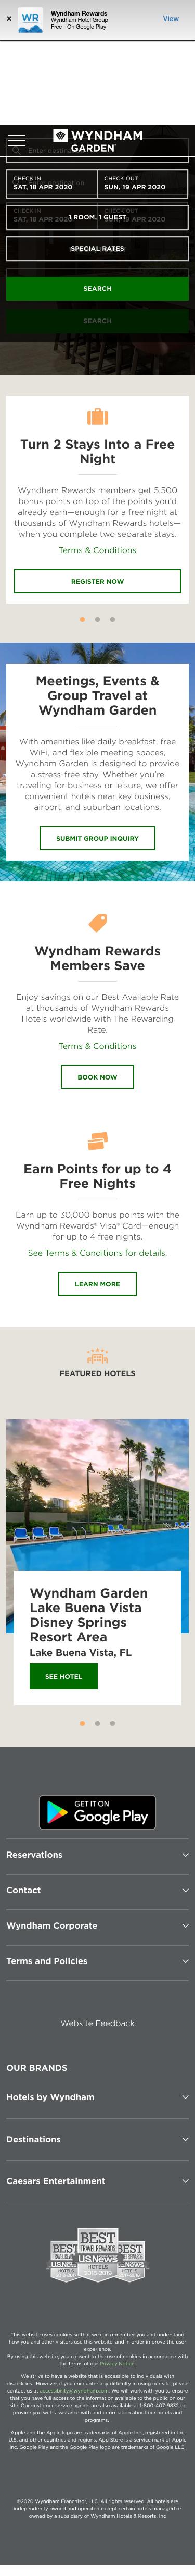 Wyndham Garden Coupon